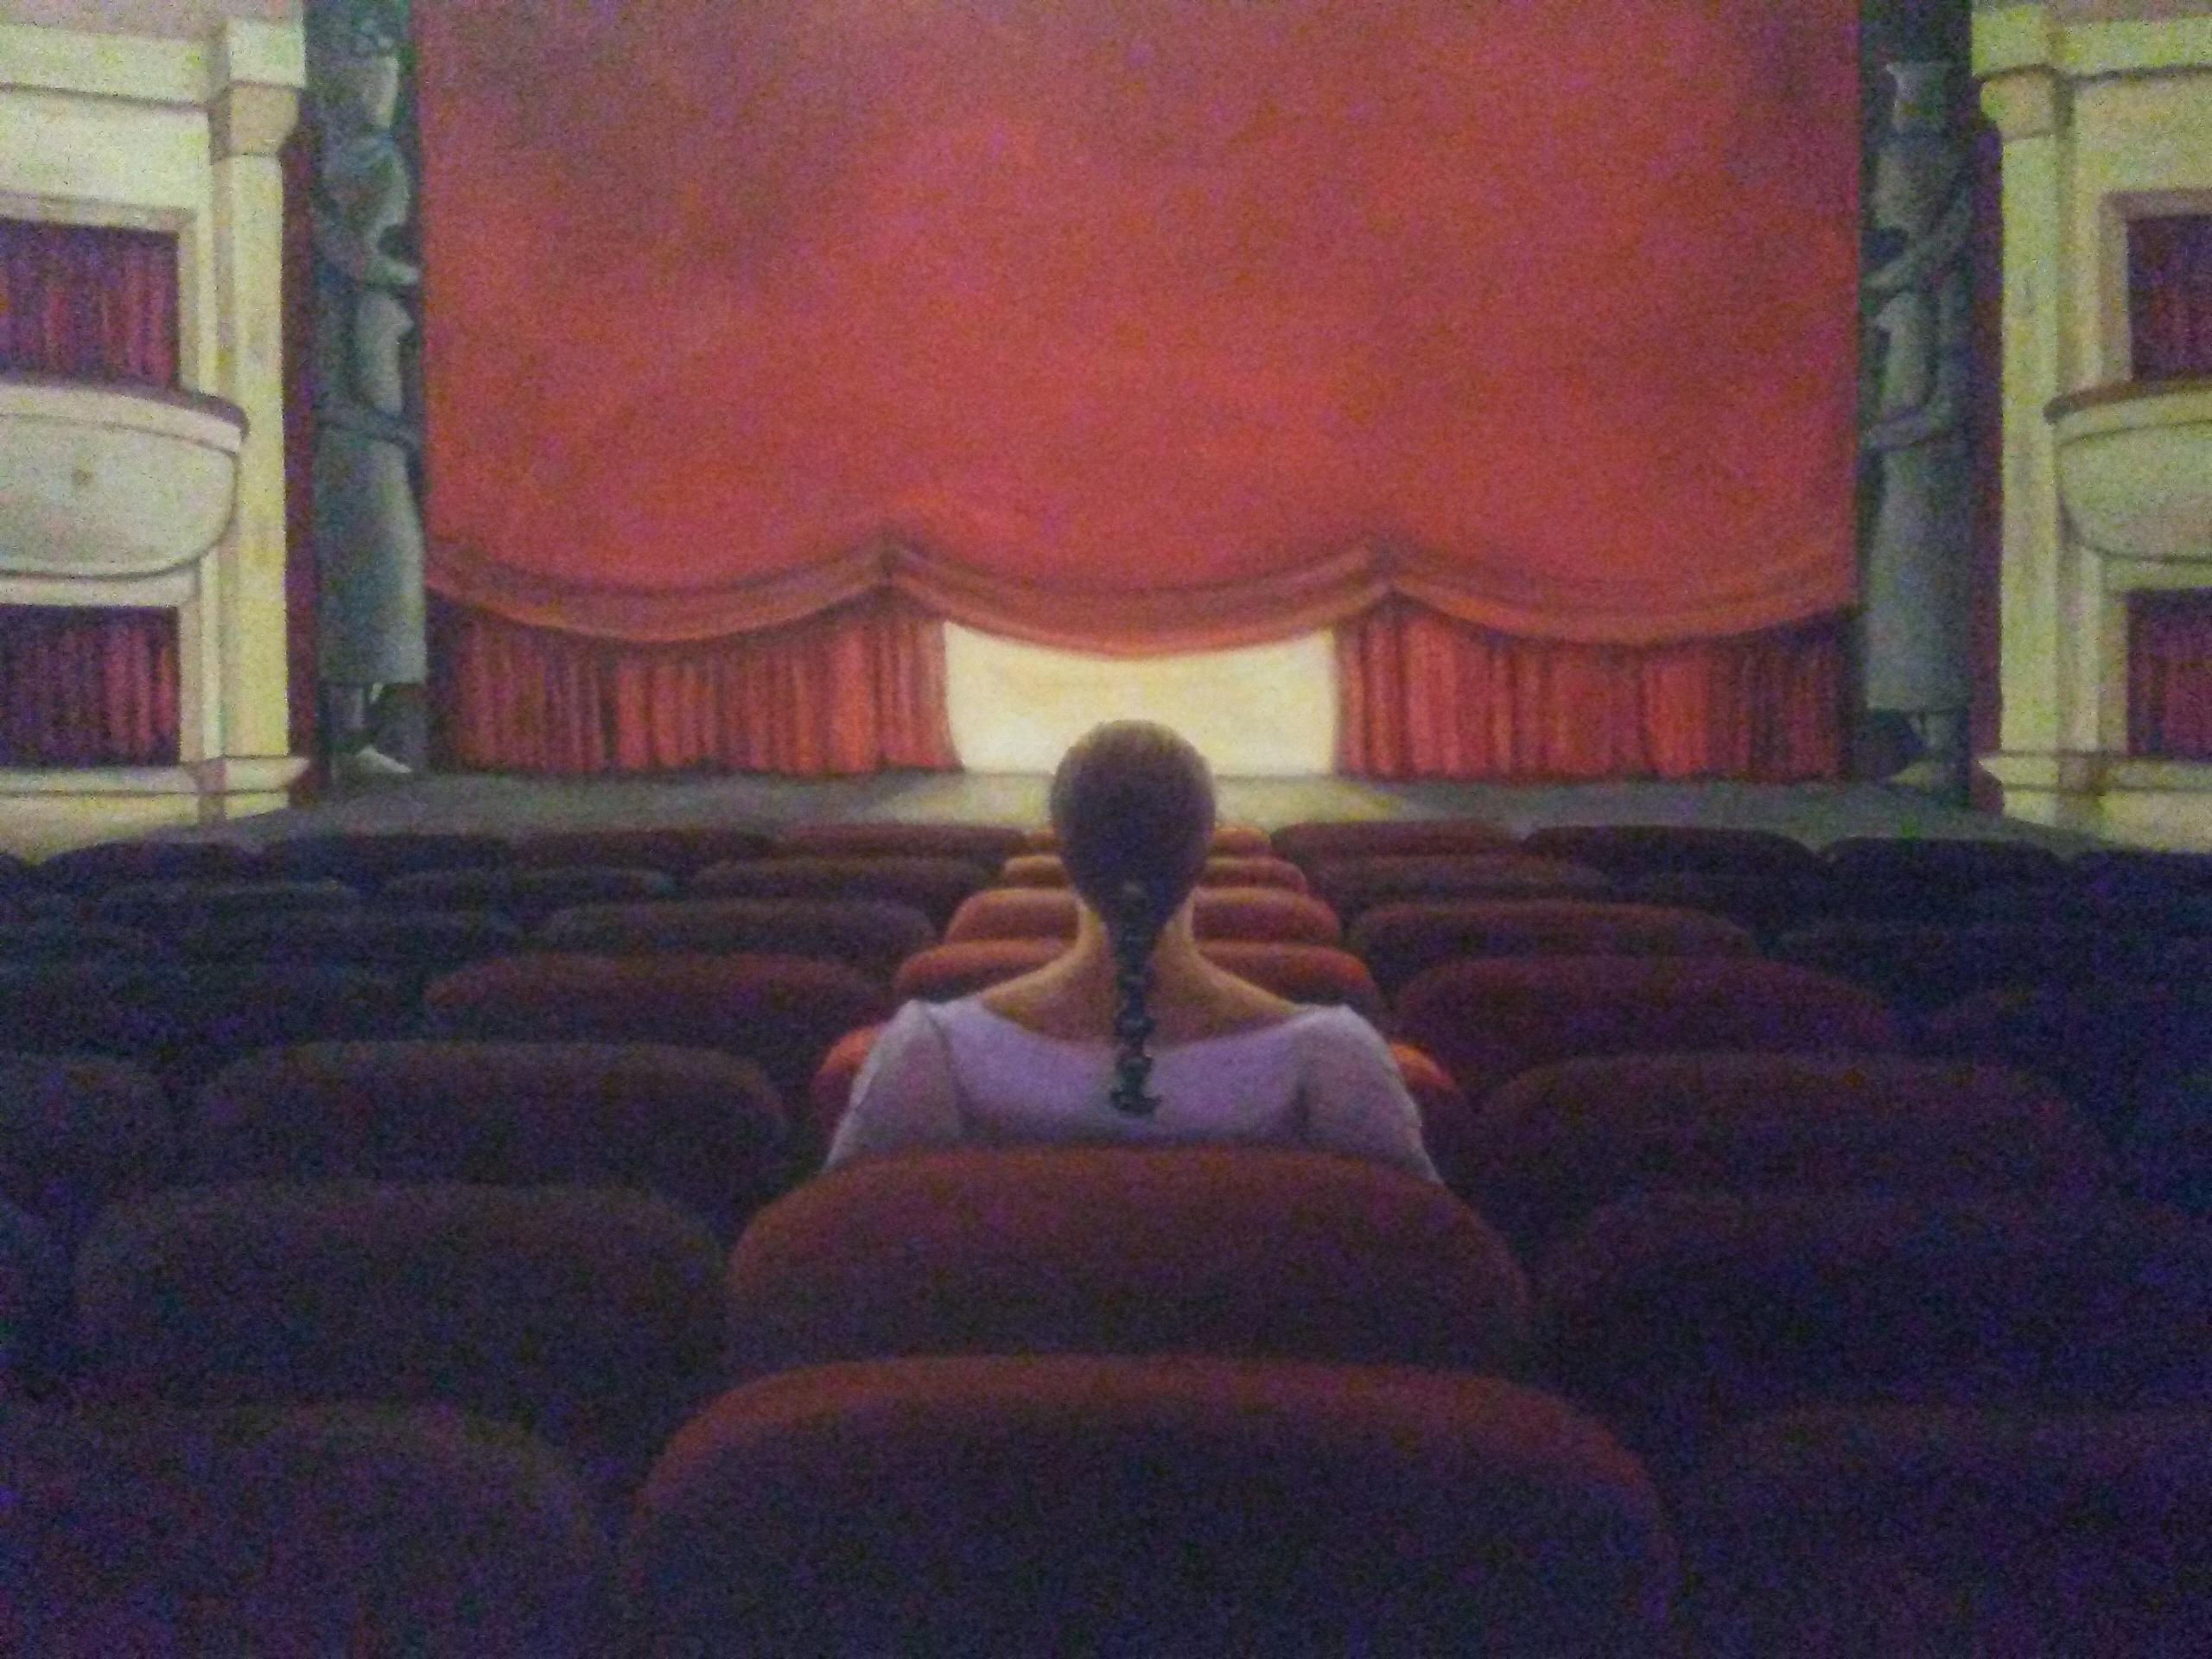 Rosalind at the Opera